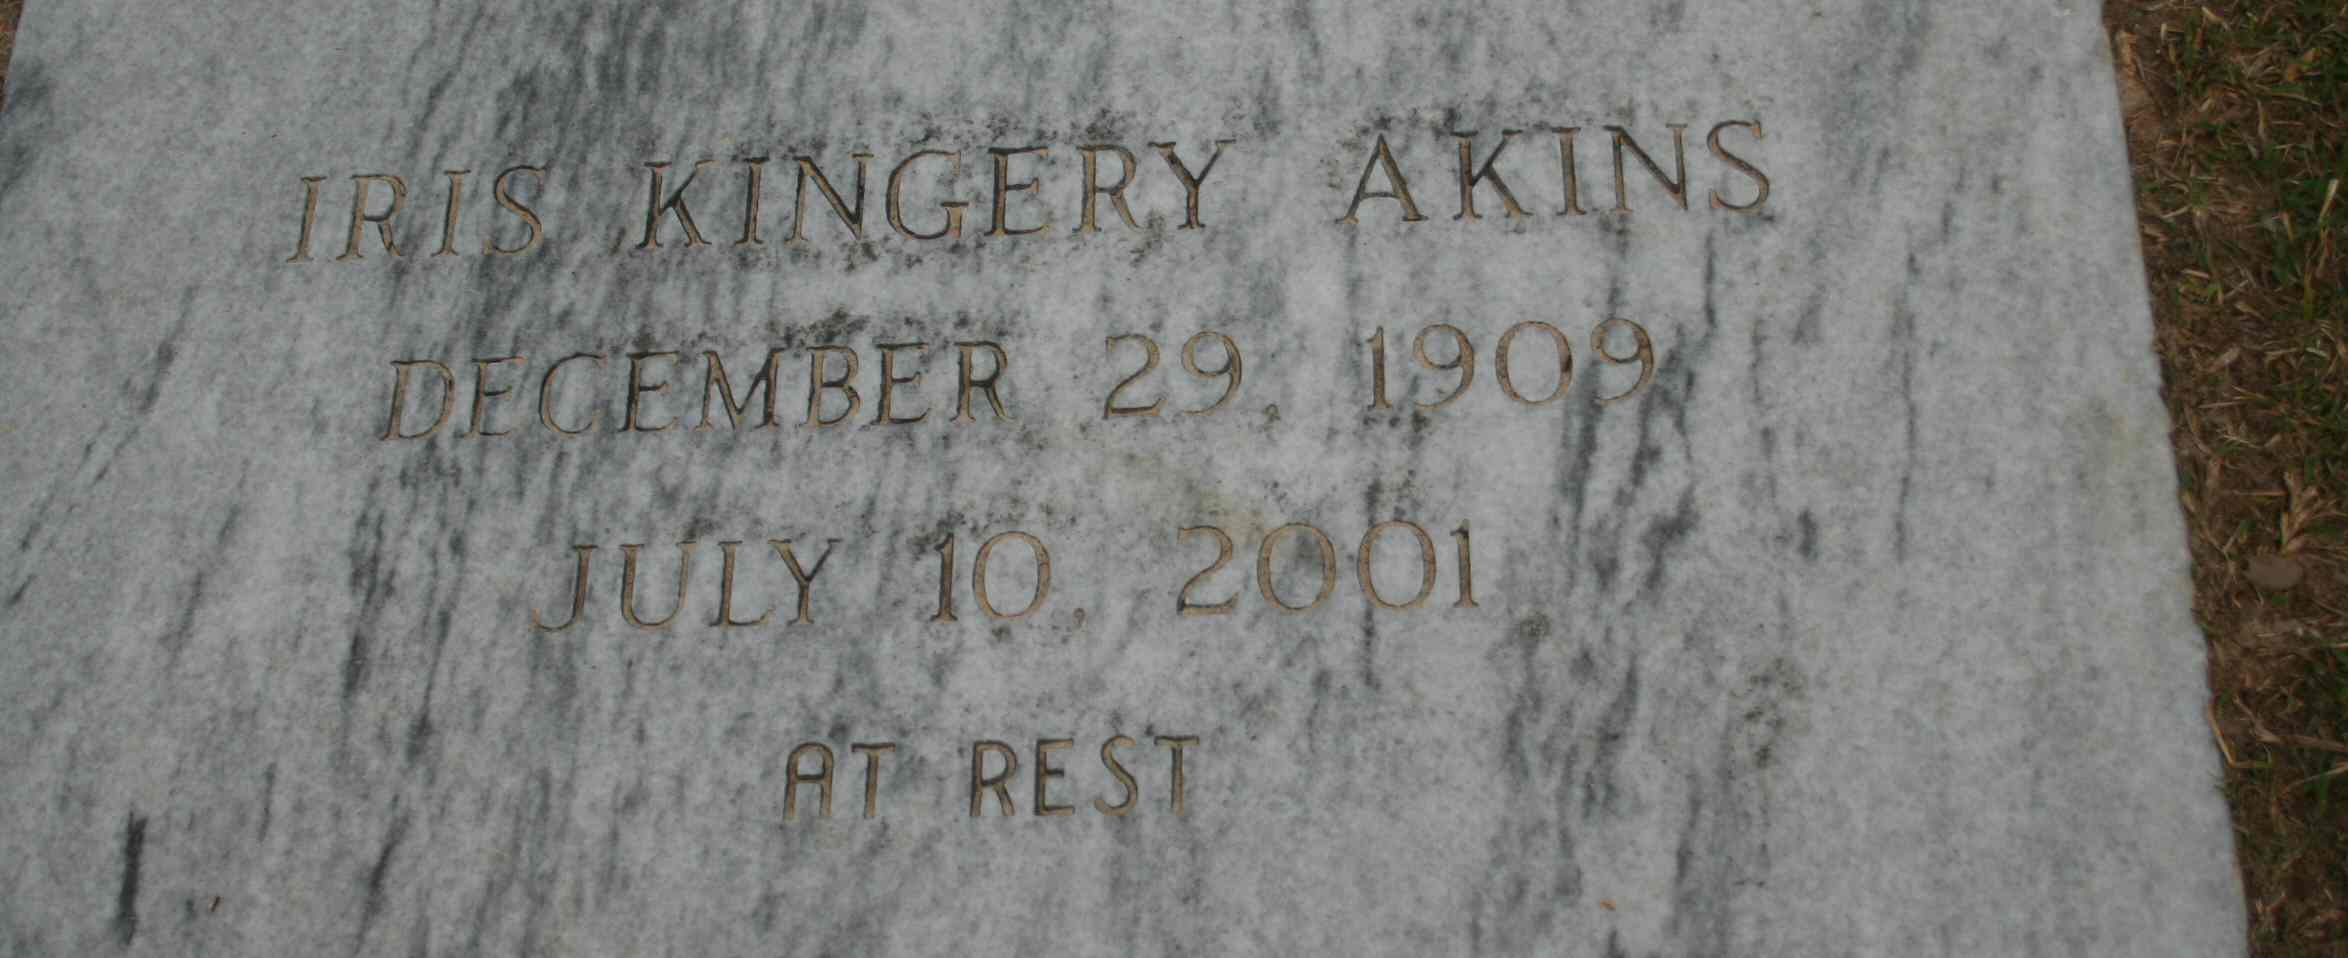 Iris <i>Kingery</i> Akins